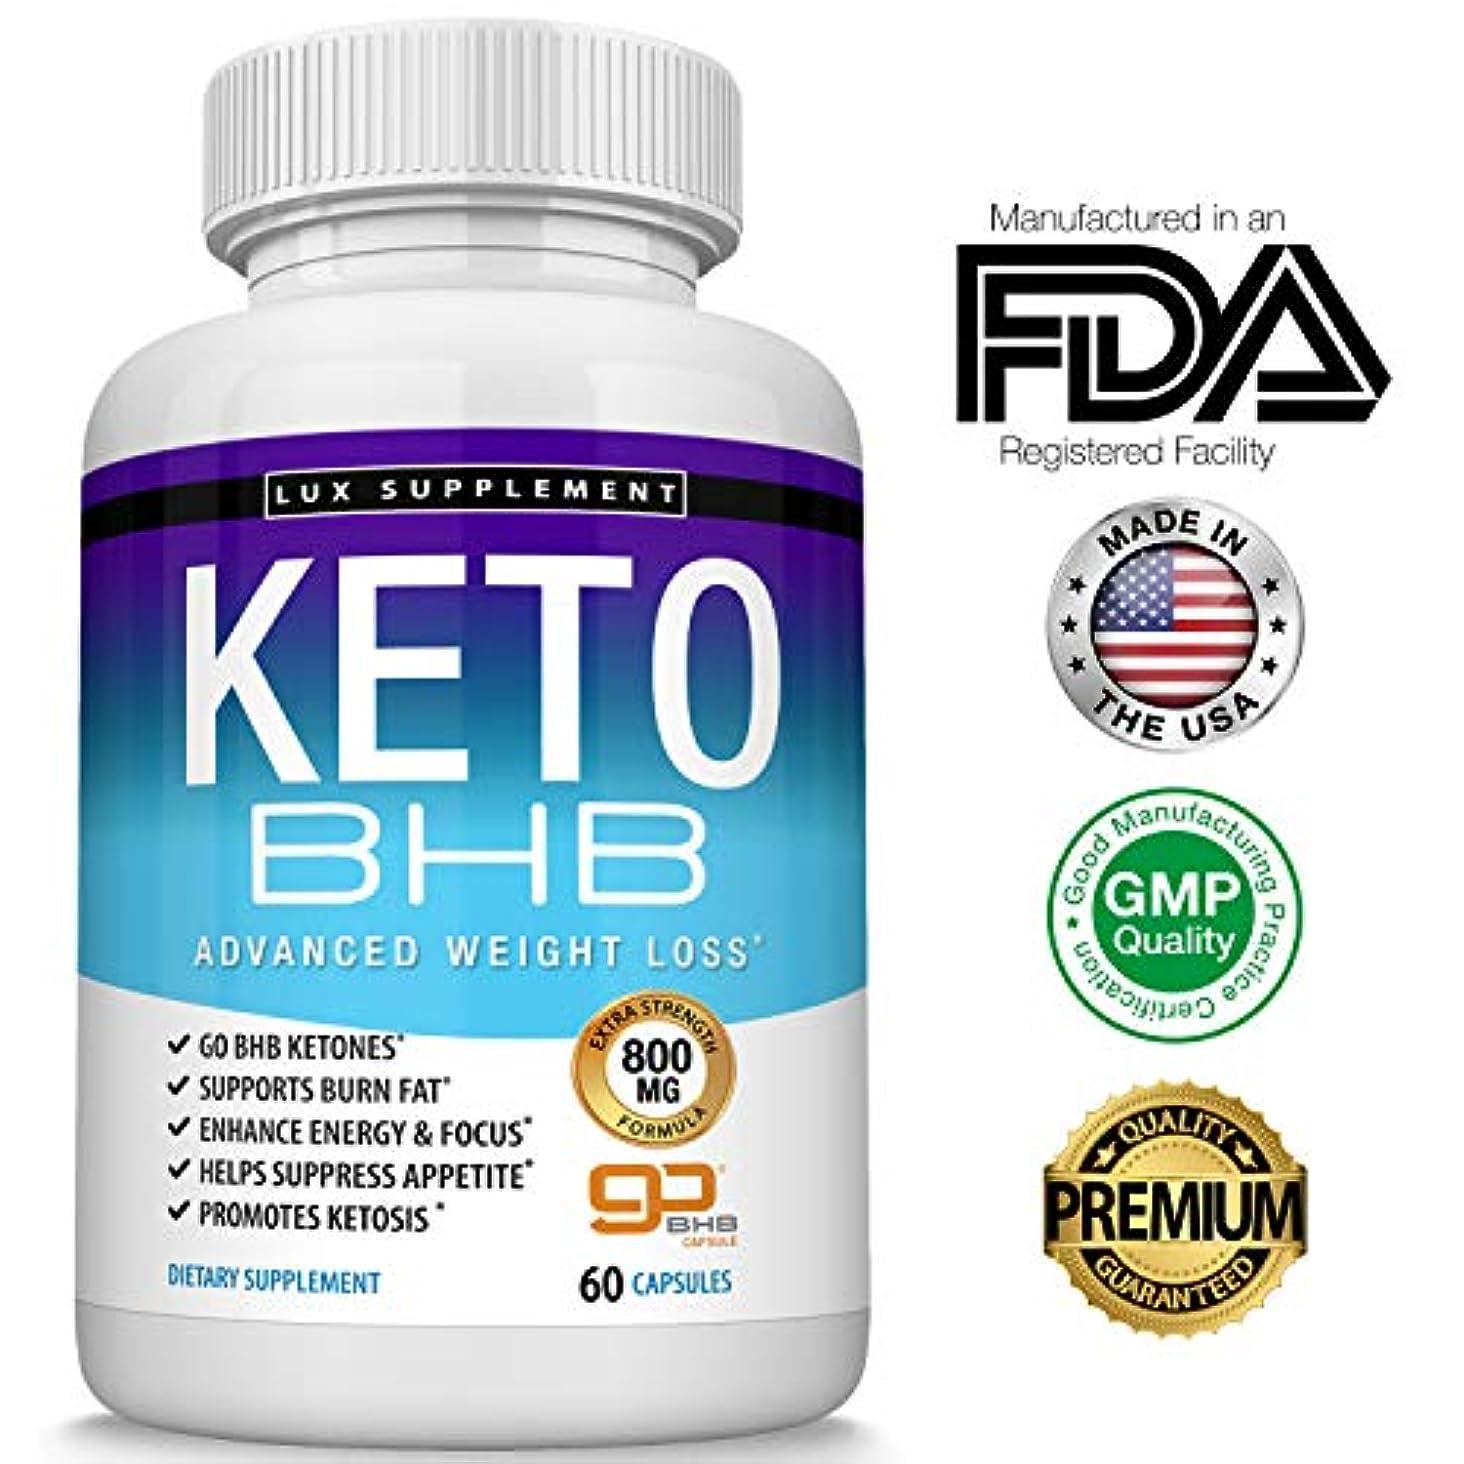 チョコレート接ぎ木スペードLux Supplement ケト BHB Keto Pills Advanced ケトジェニック ダイエット 燃焼系 サプリ 60粒 [海外直送品]